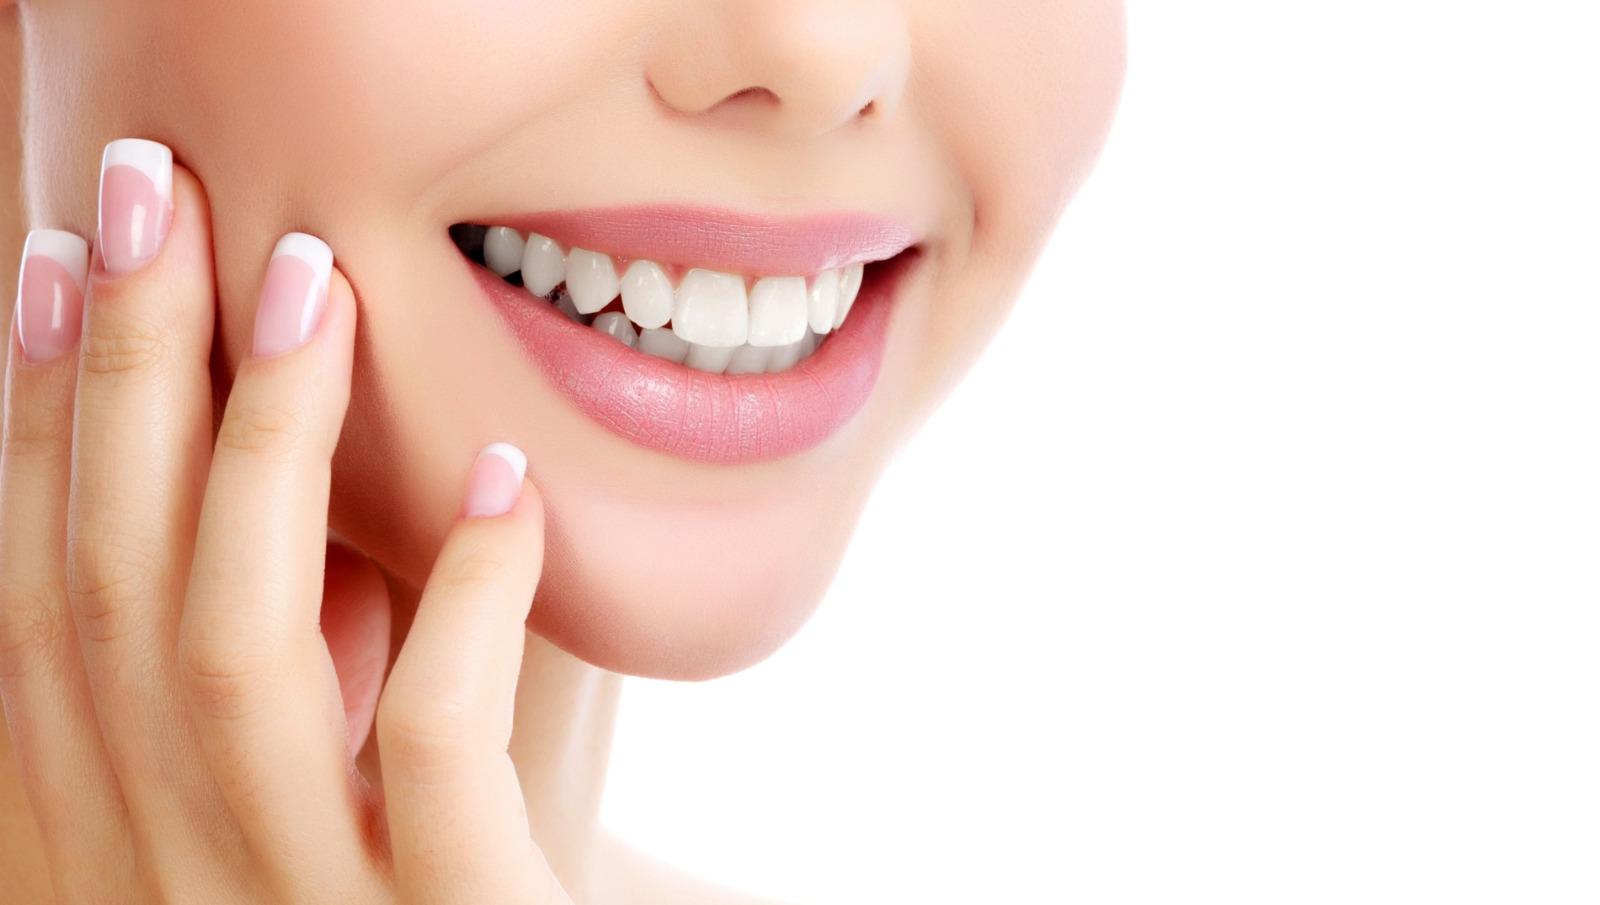 מרפאת שיניים ואסתטיקה בפתח תקווה , רופא שיניים בפתח תקווה , טיפולי שיניים לילדים בפתח תקווה , שיקום הפה בפתח תקווה , טיפולי שורש בפתח תקווה